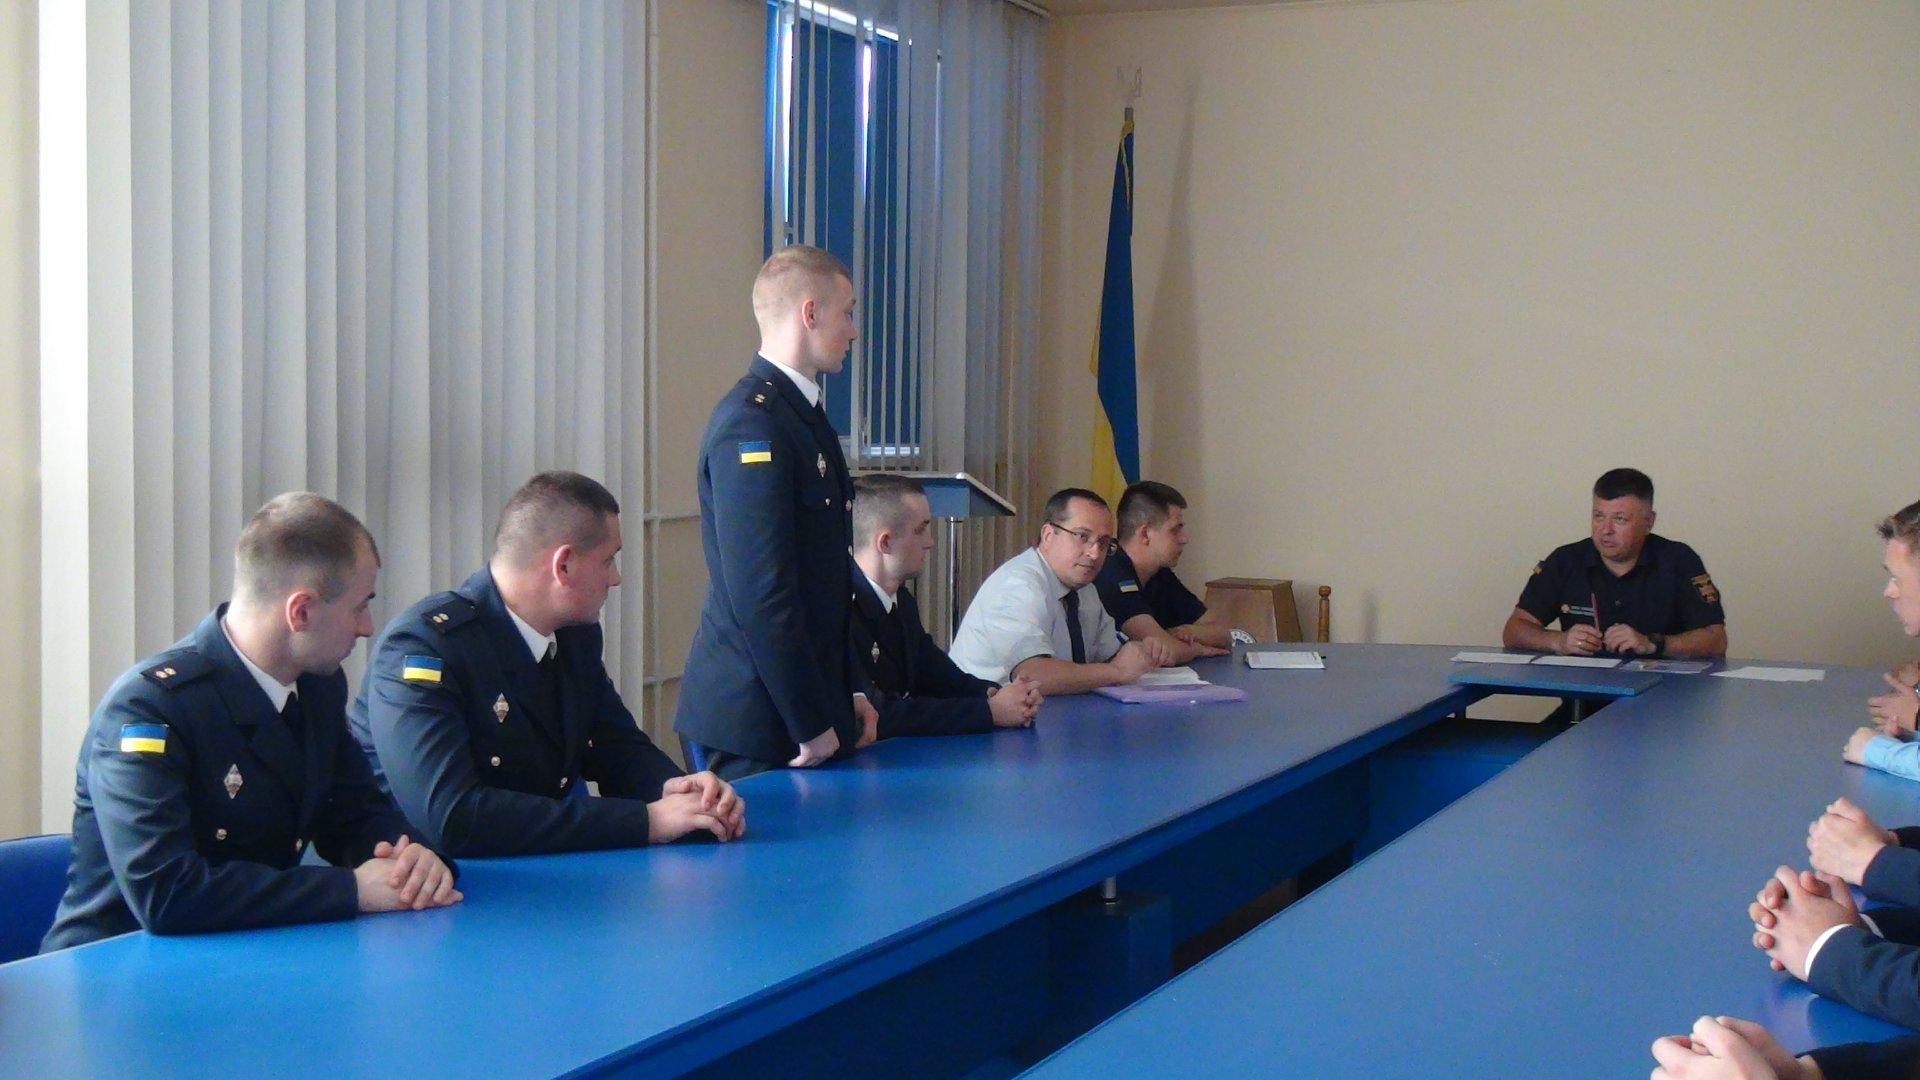 Лави прикарпатських рятувальників поповнились п'ятнадцятьма лейтенантами (ФОТО)